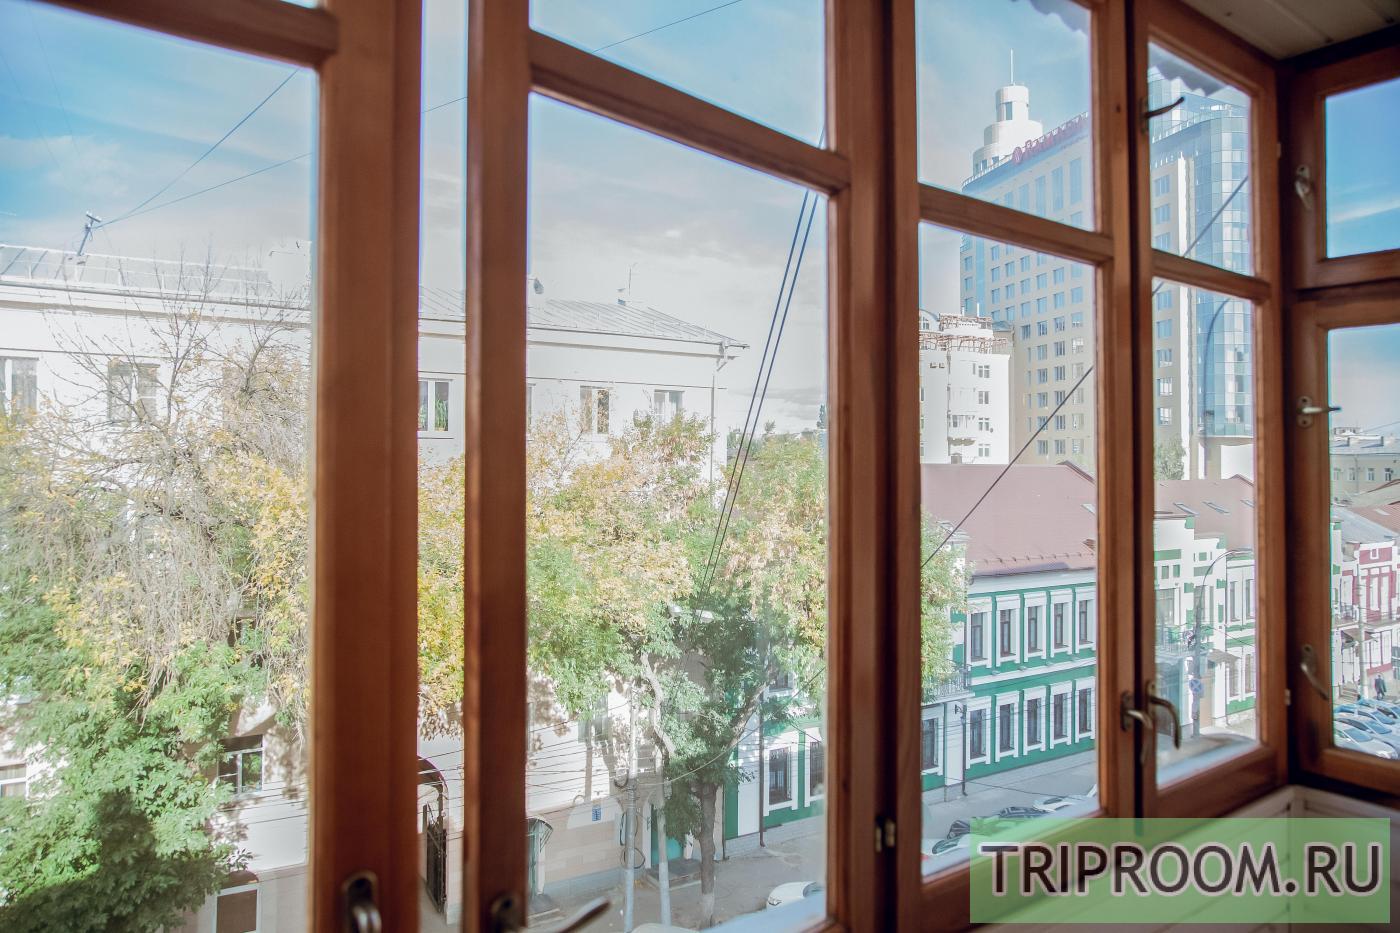 2-комнатная квартира посуточно (вариант № 10786), ул. Станкевича улица, фото № 12